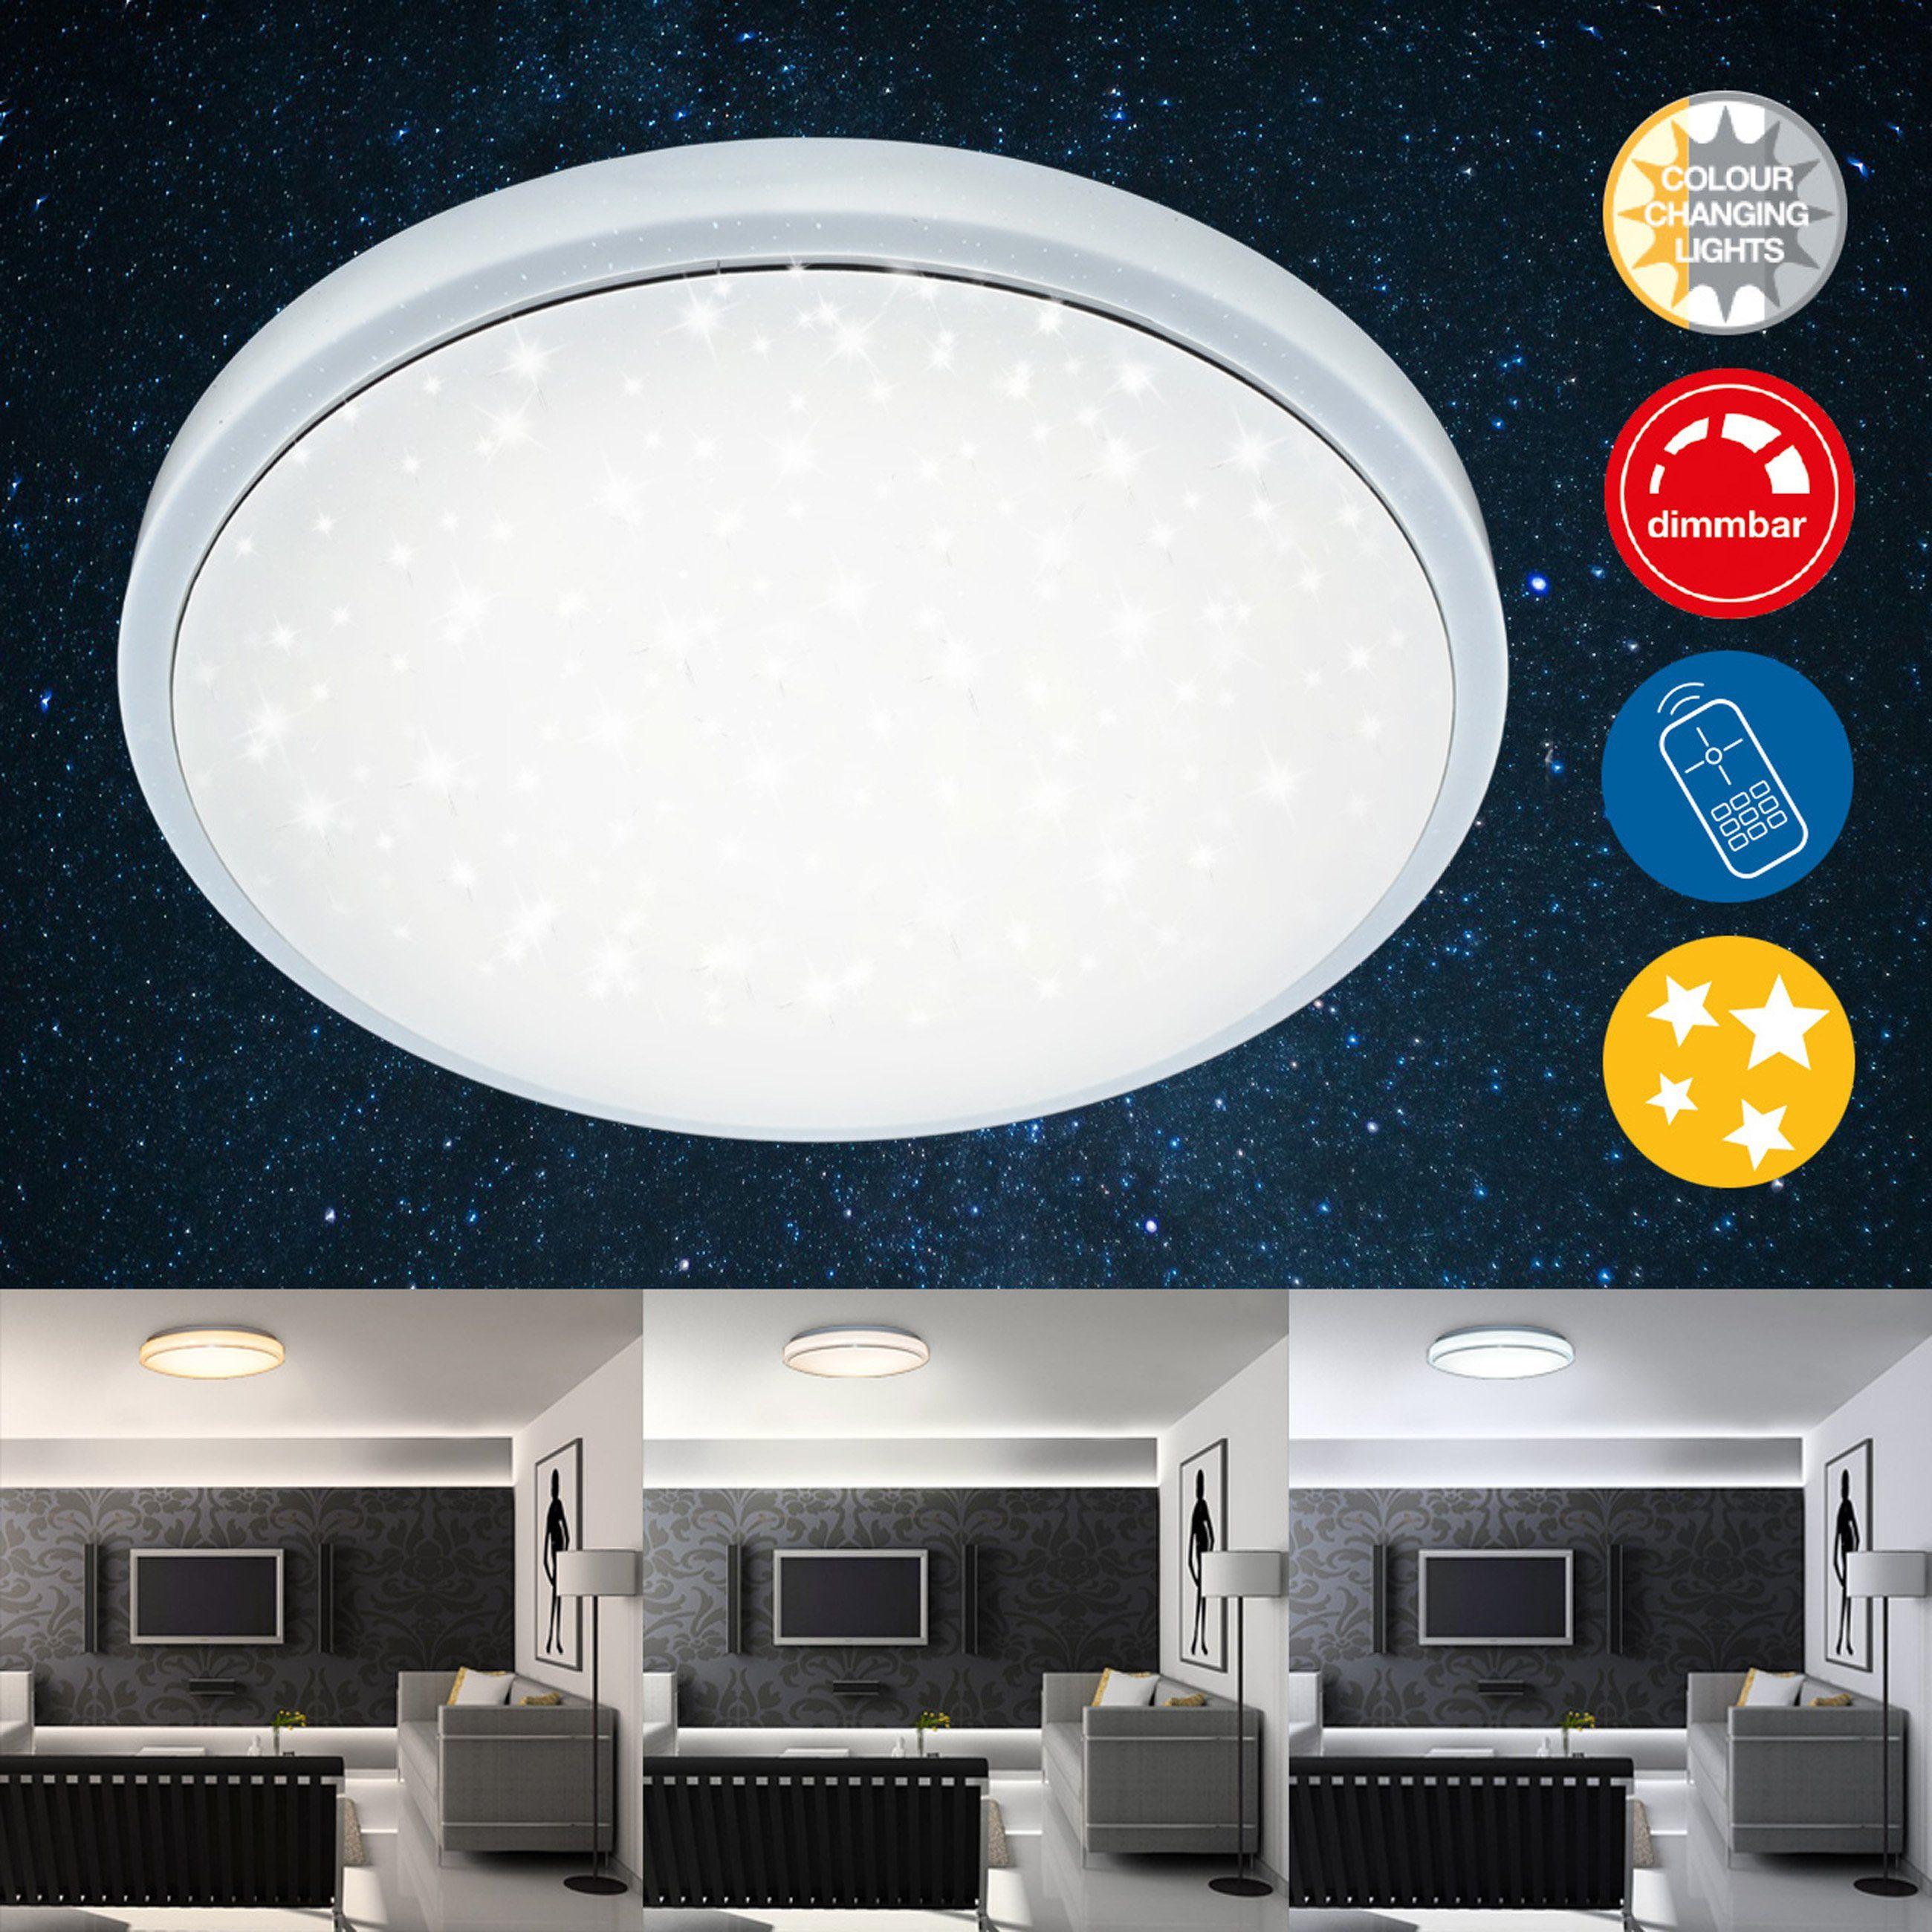 Briloner Leuchten LED Deckenleuchte »Bella«, 1-flammig, dimmbar, Lichtsteuerung, Nachtlichtfunktion, Ø40cm